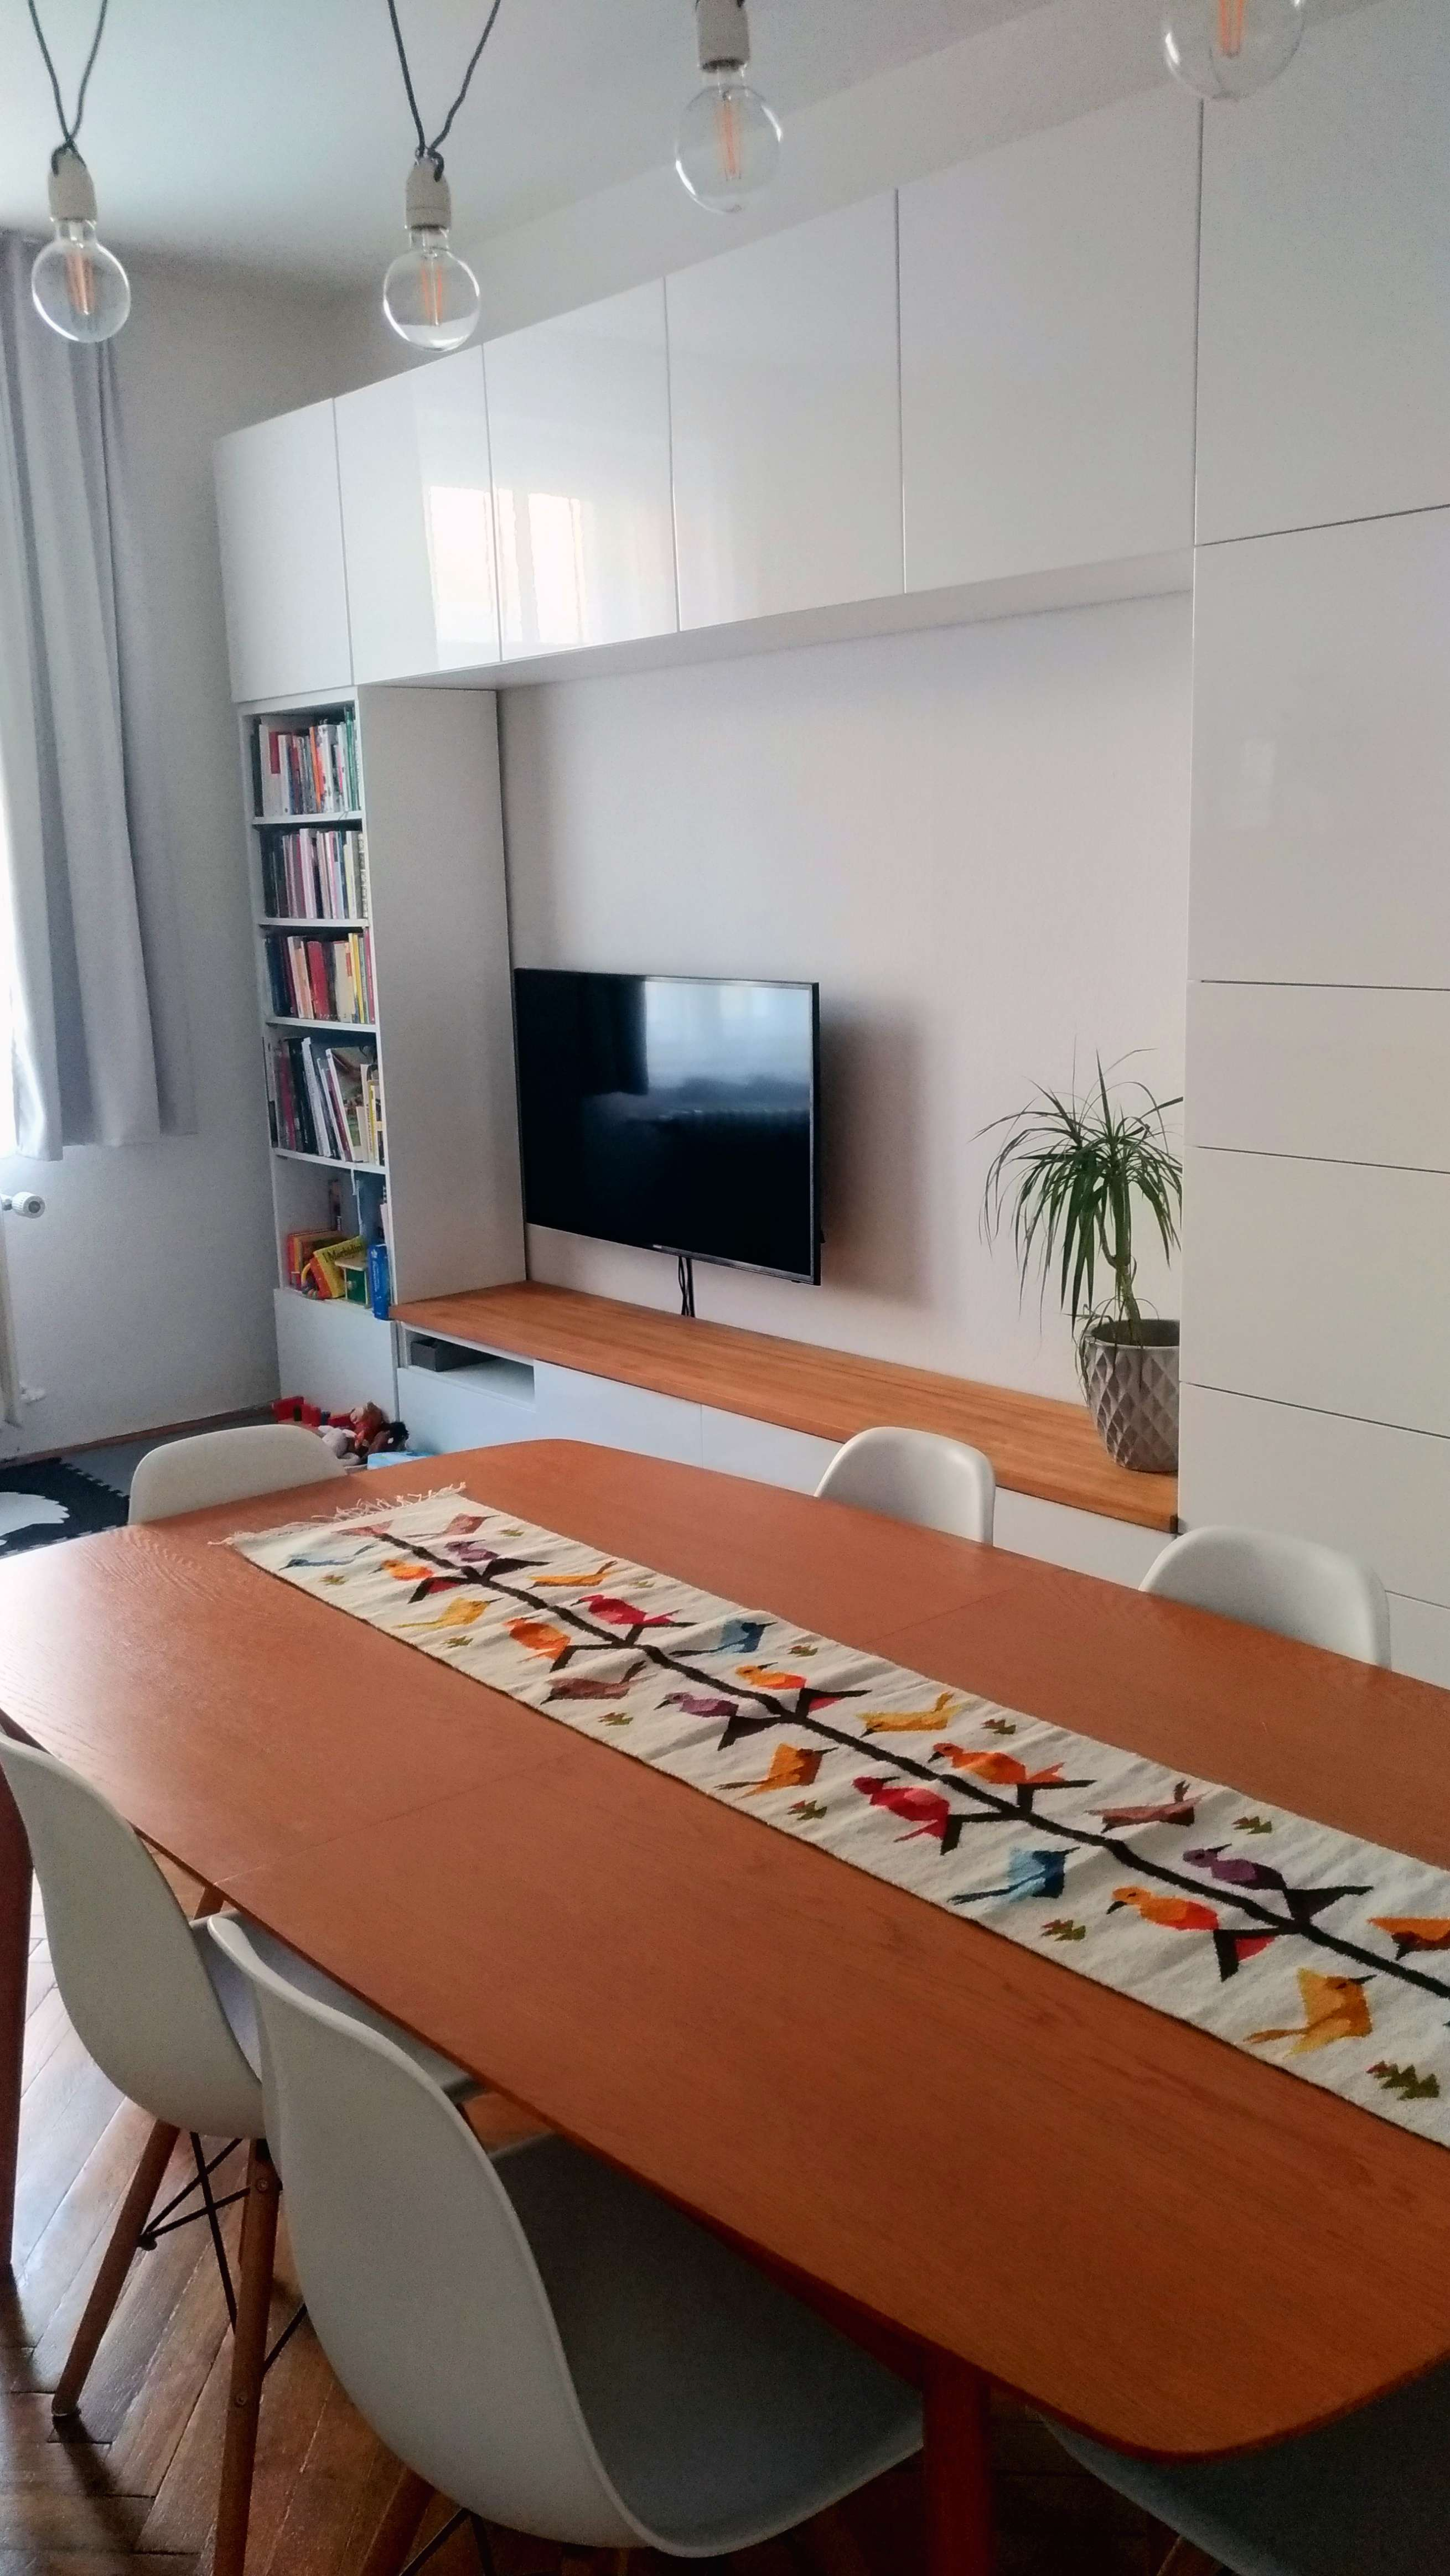 2-Zimmer-Wohnung 66m2 in Neuhausen ab 01.06.20 + Übernahme der Einbauküche erforderlich in Neuhausen (München)